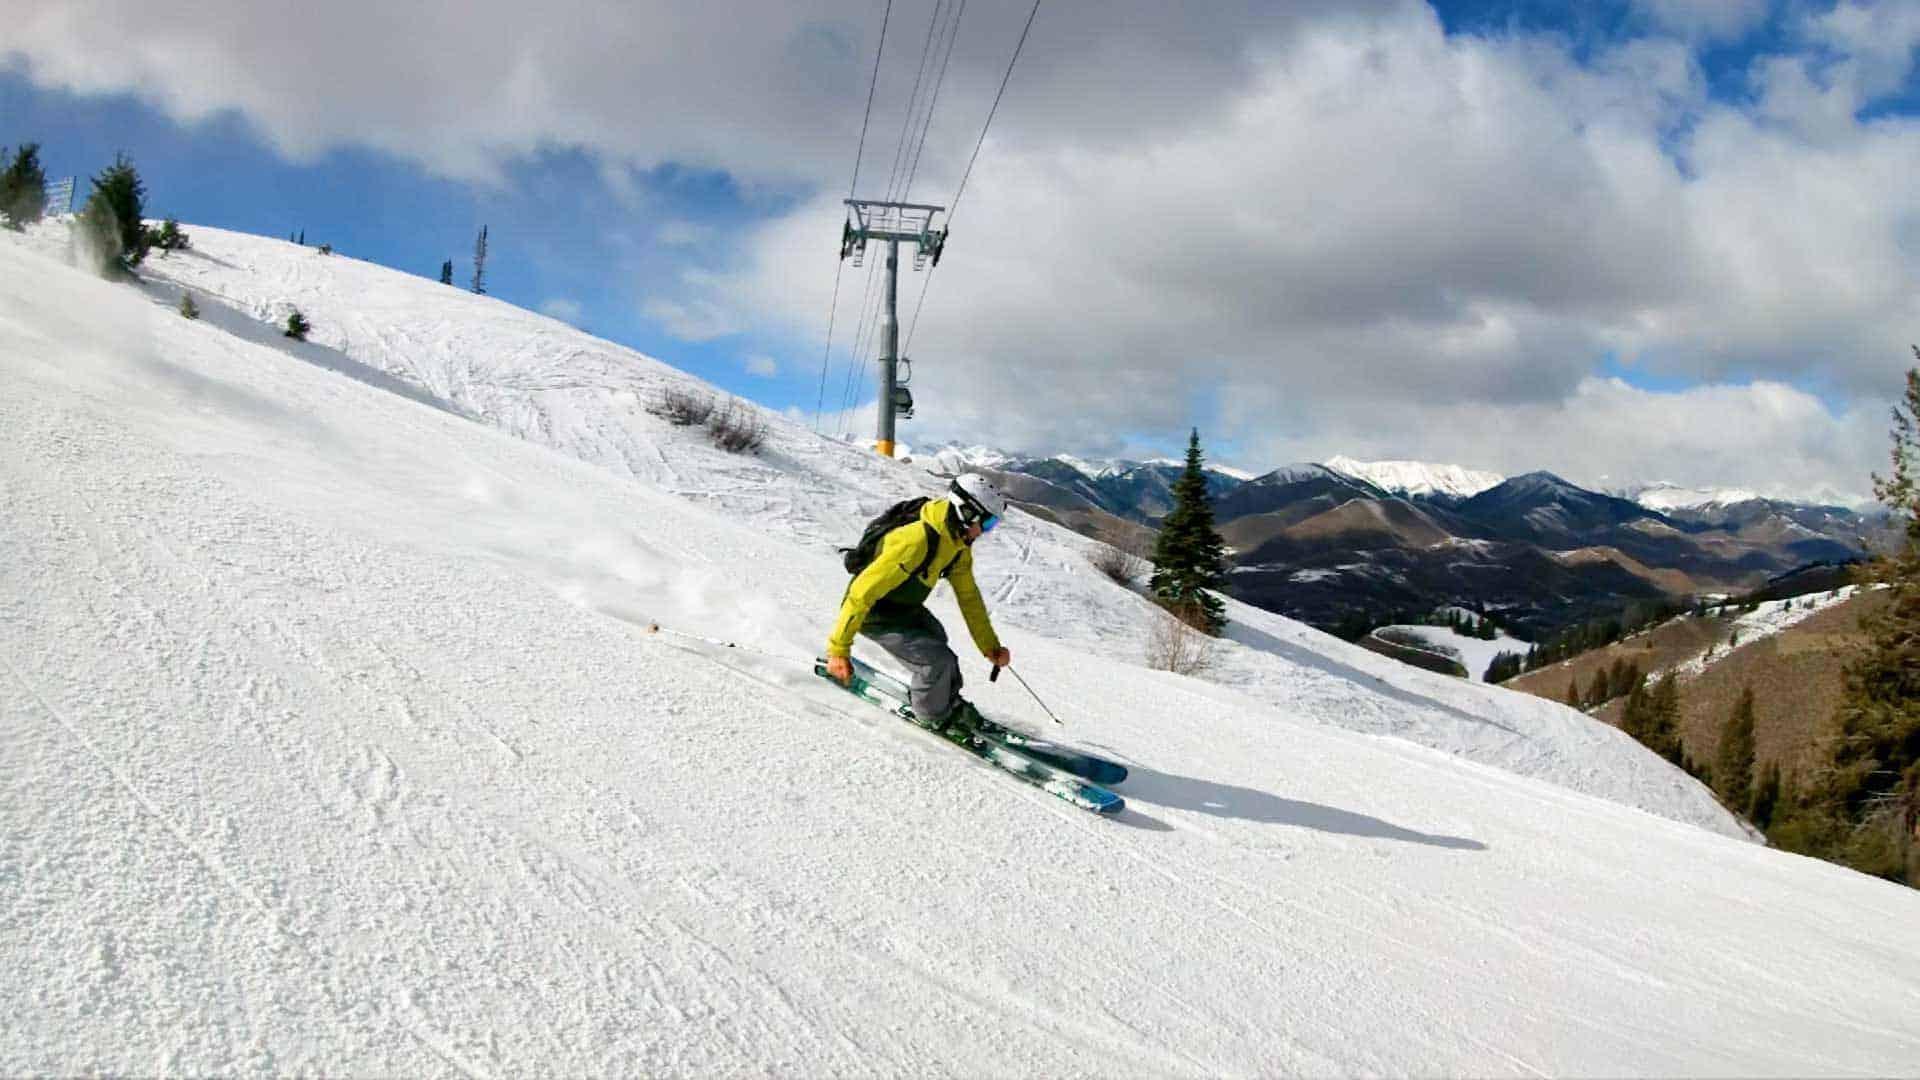 Winter Vanlife is More than skiing Powder Sun Valley Idaho (10 of 17)